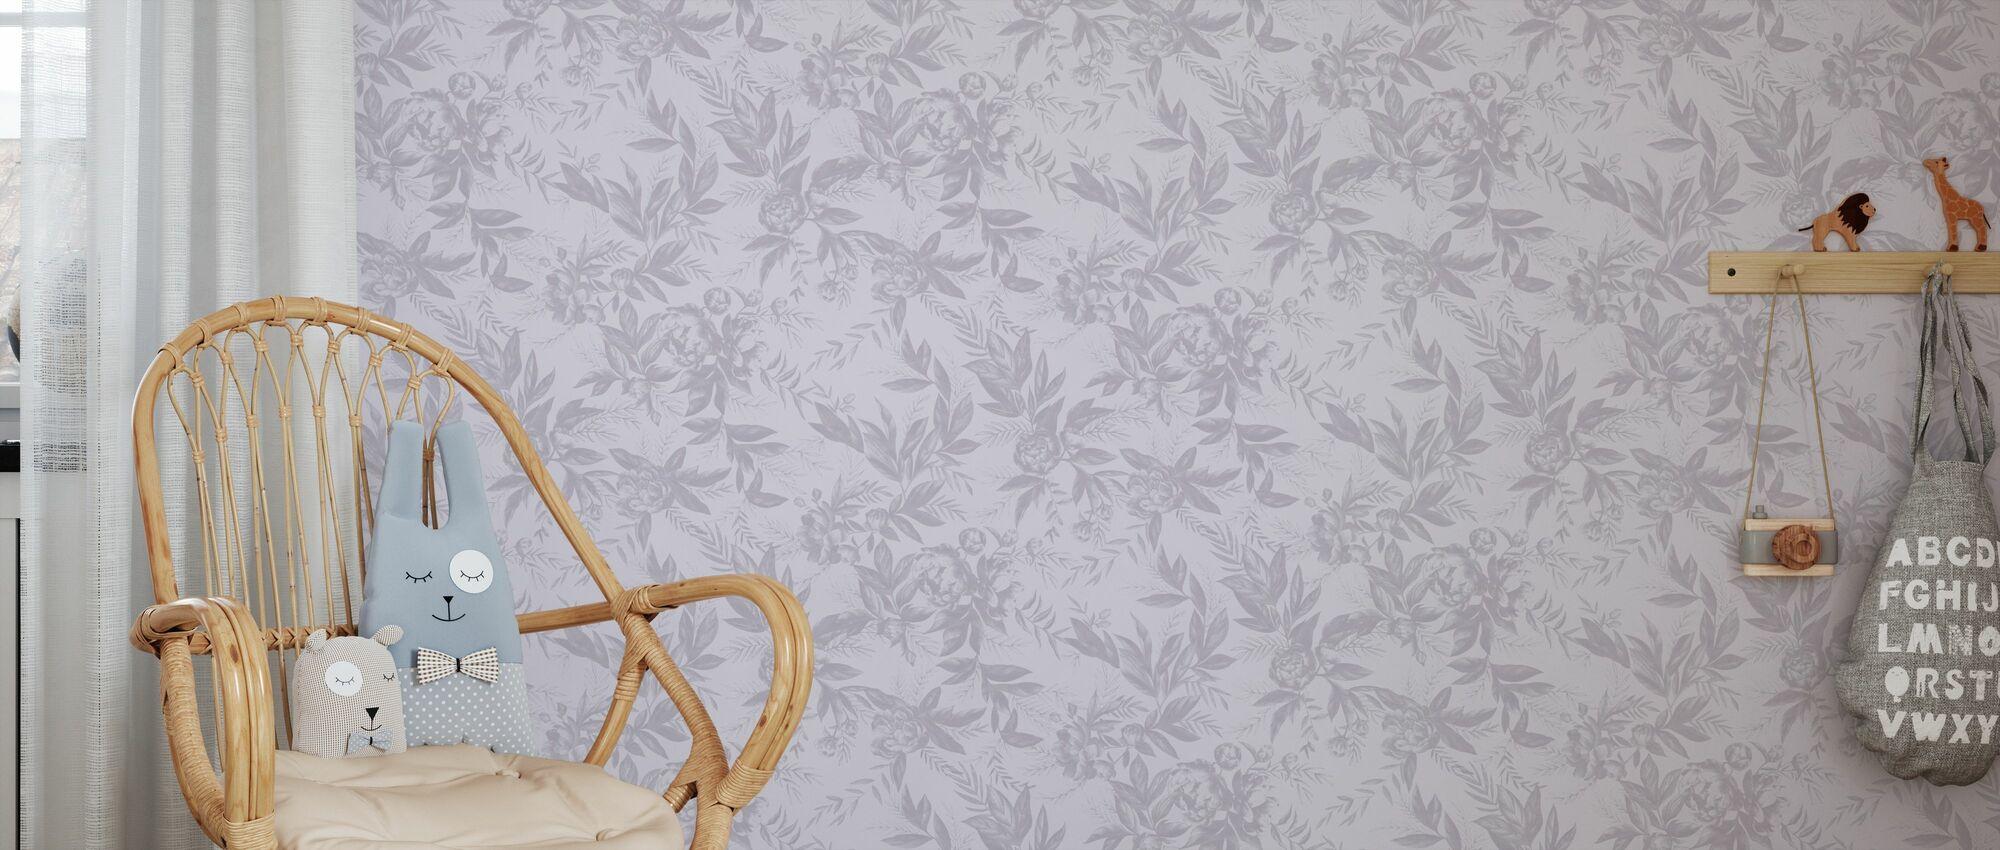 Beauté oubliée - Lavande - Papier peint - Chambre des enfants